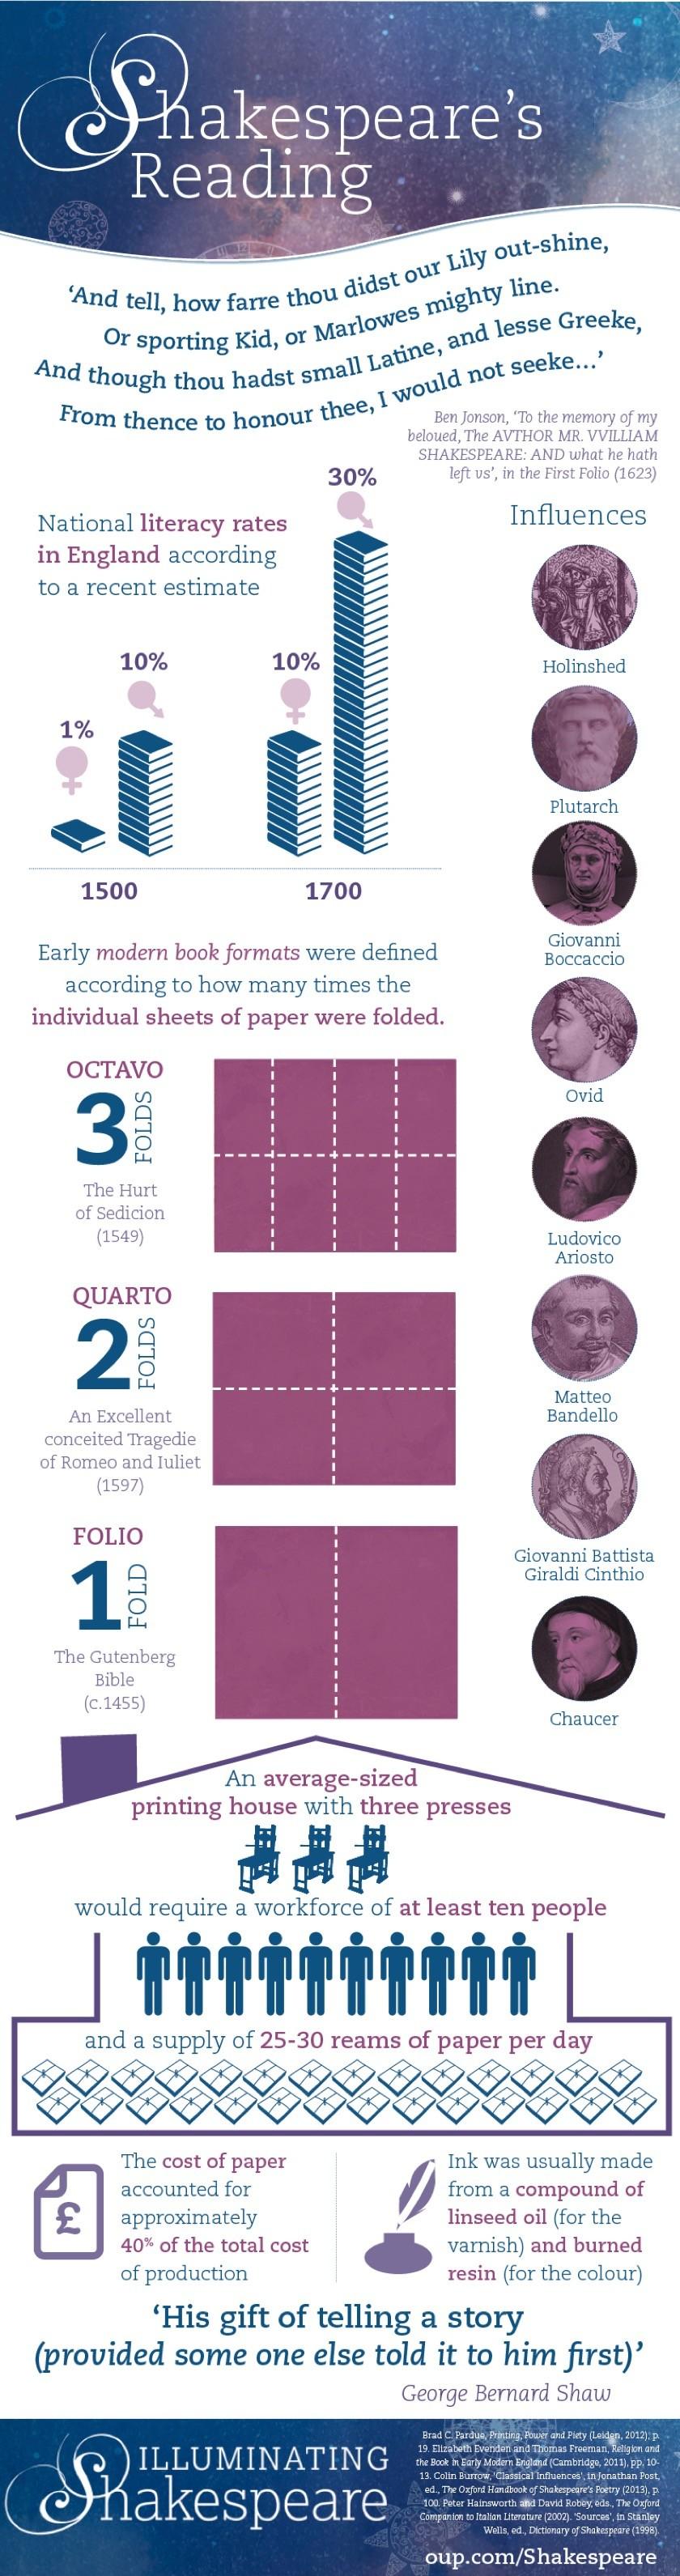 Shakespeare's reading - infographic full